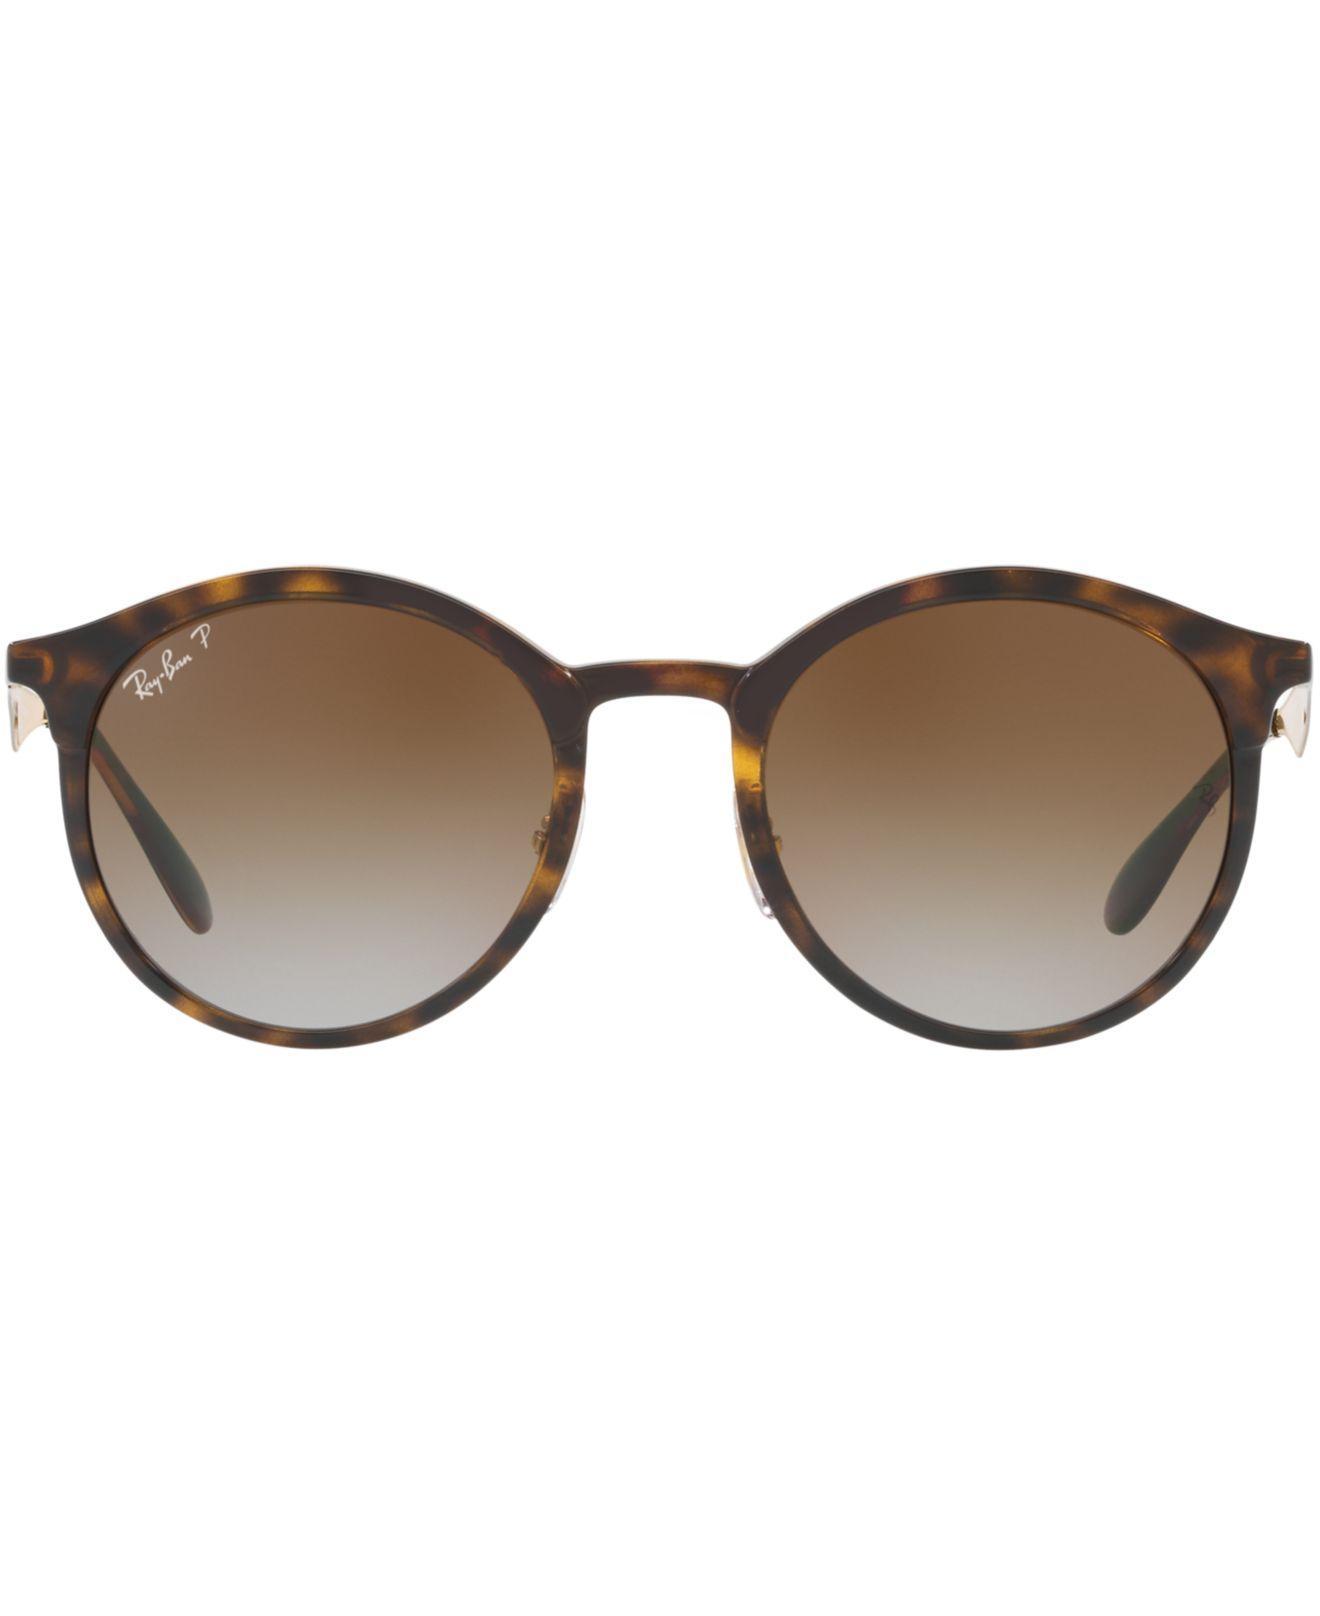 b3ec0209bce Lyst - Ray-Ban Emma Sunglasses